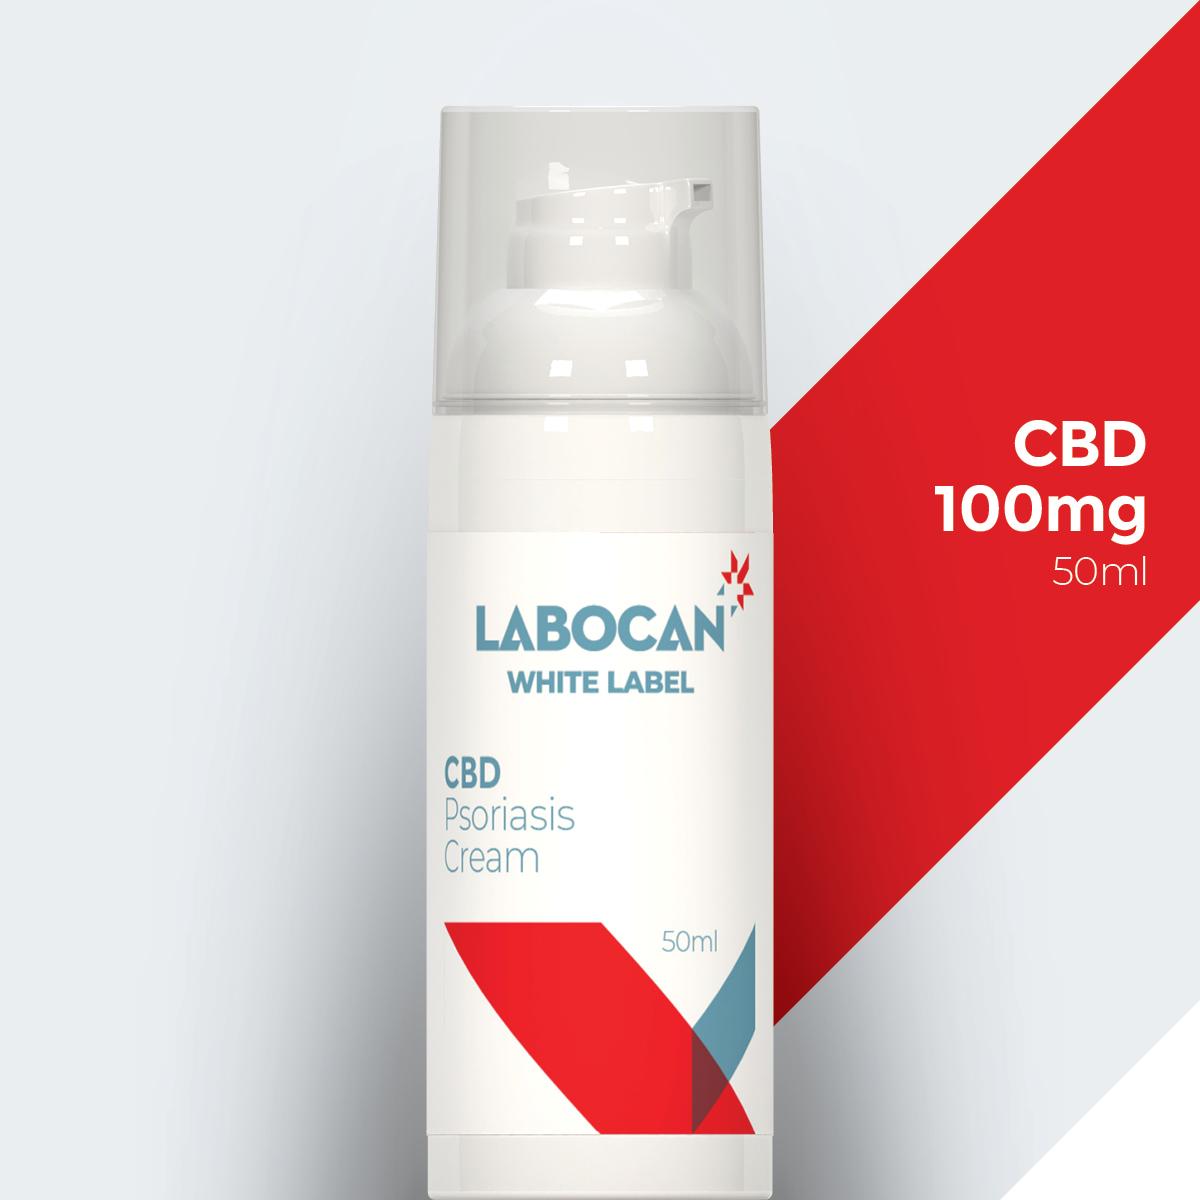 Labocan Psoriasis en crema con CBD de marca blanca